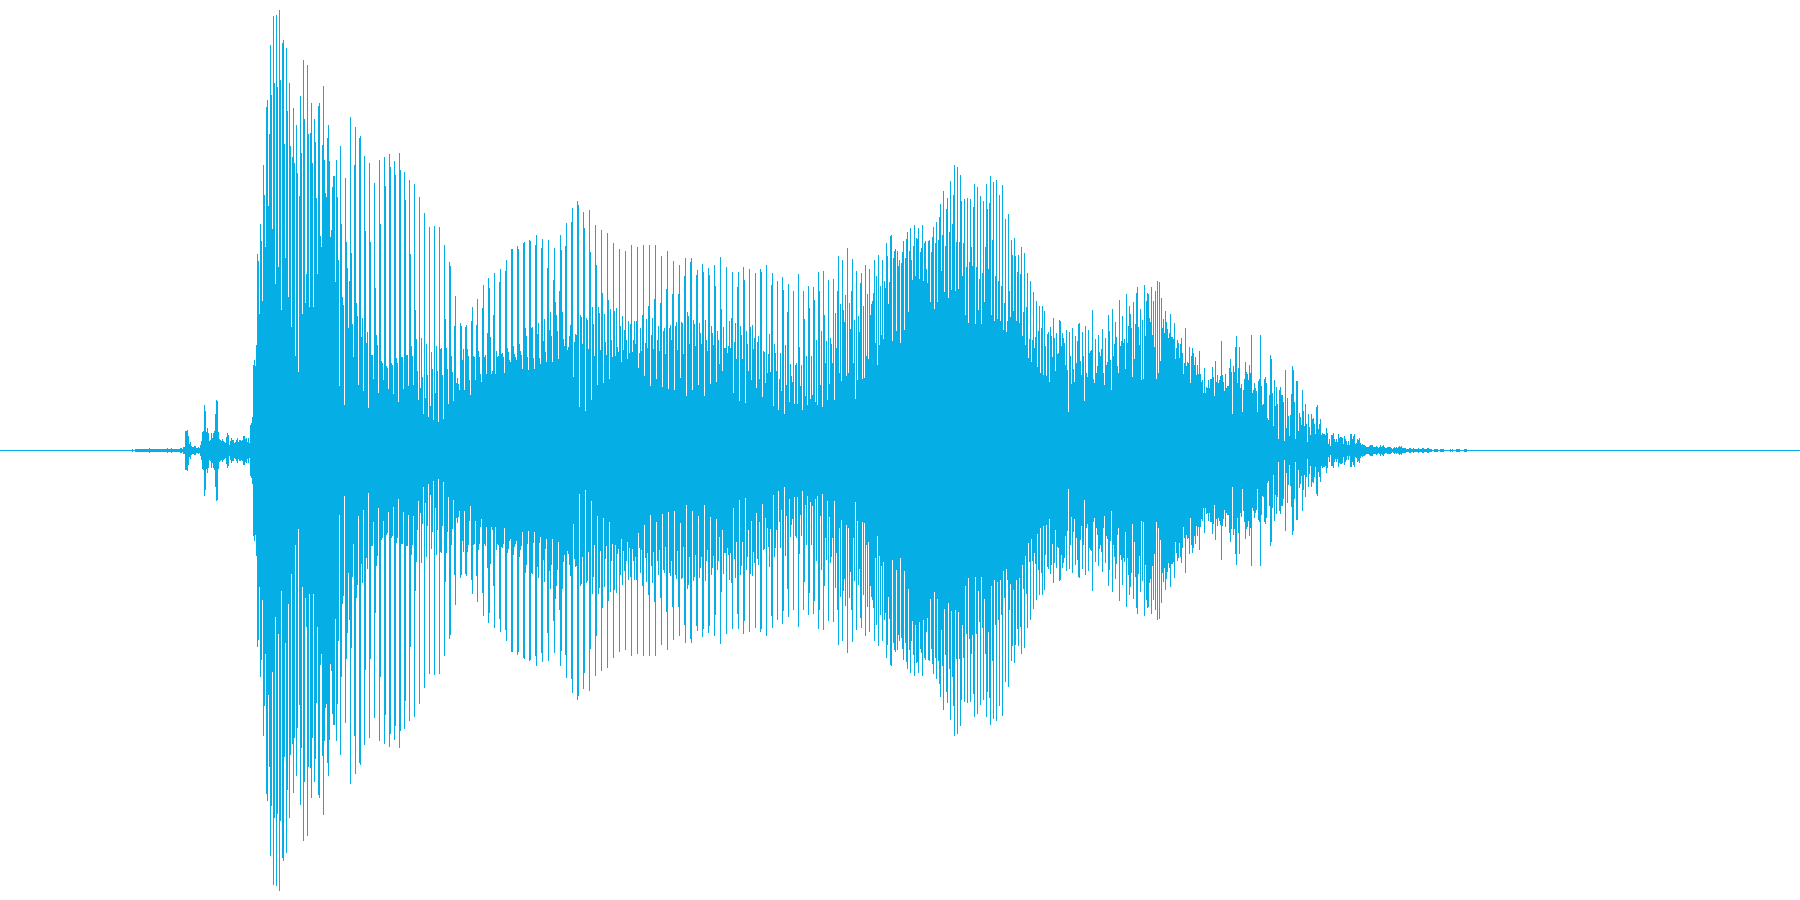 「このーっ!」の再生済みの波形